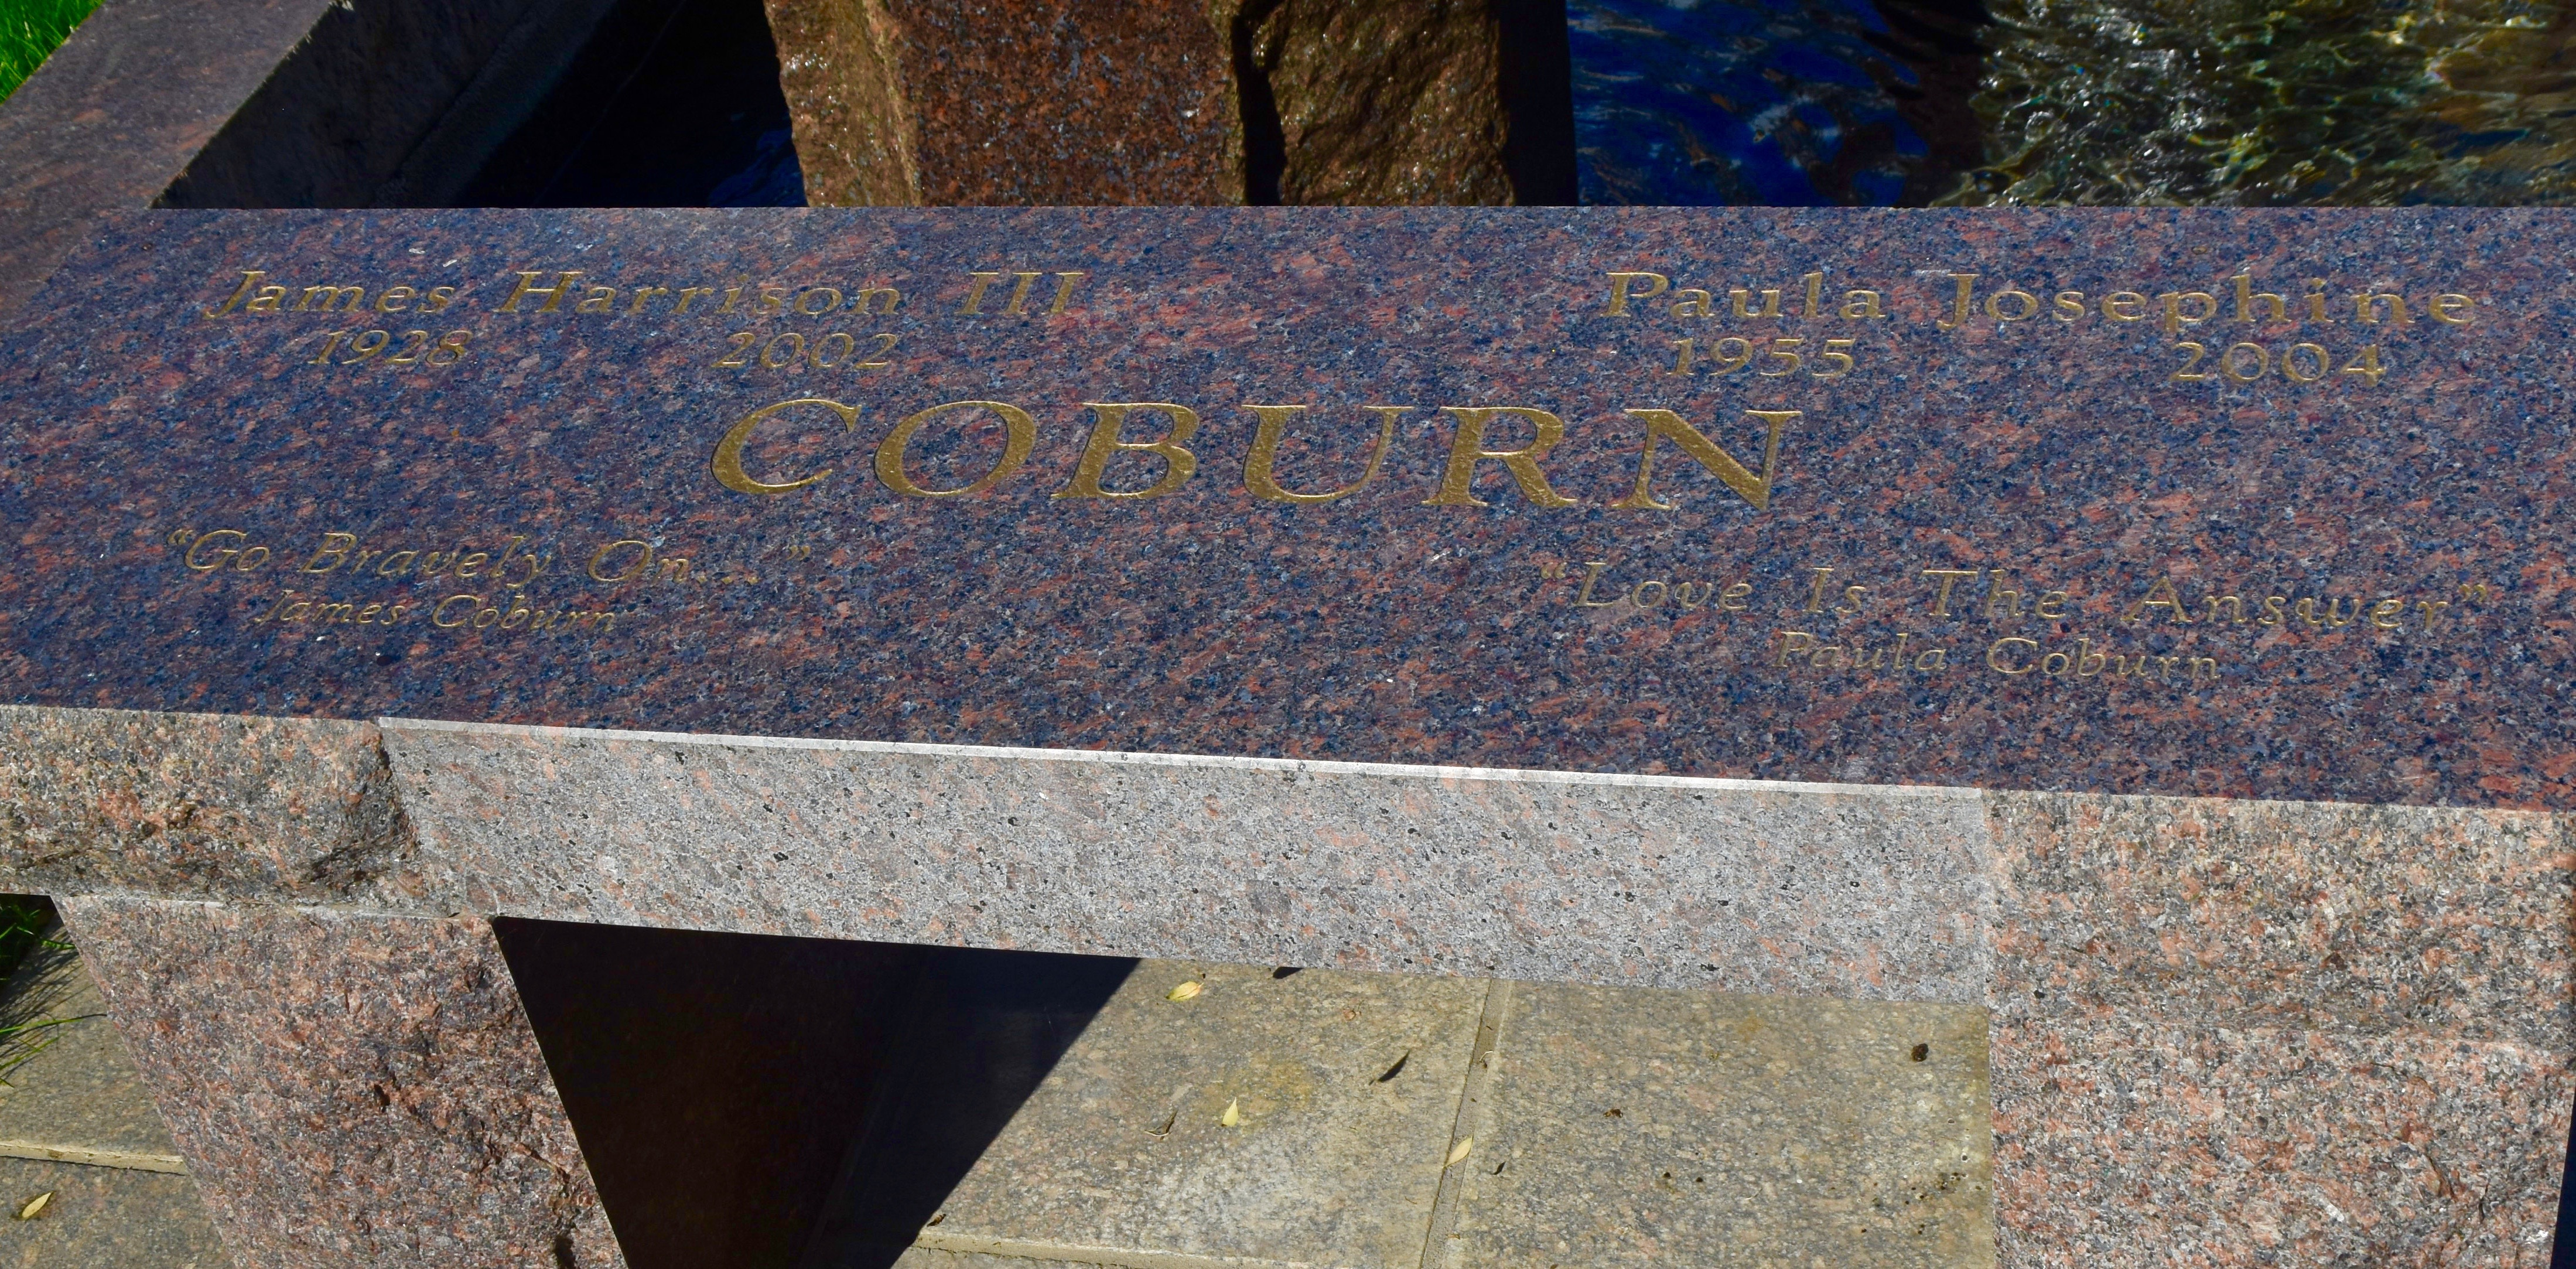 James Coburn, Westwood Village Cemetery